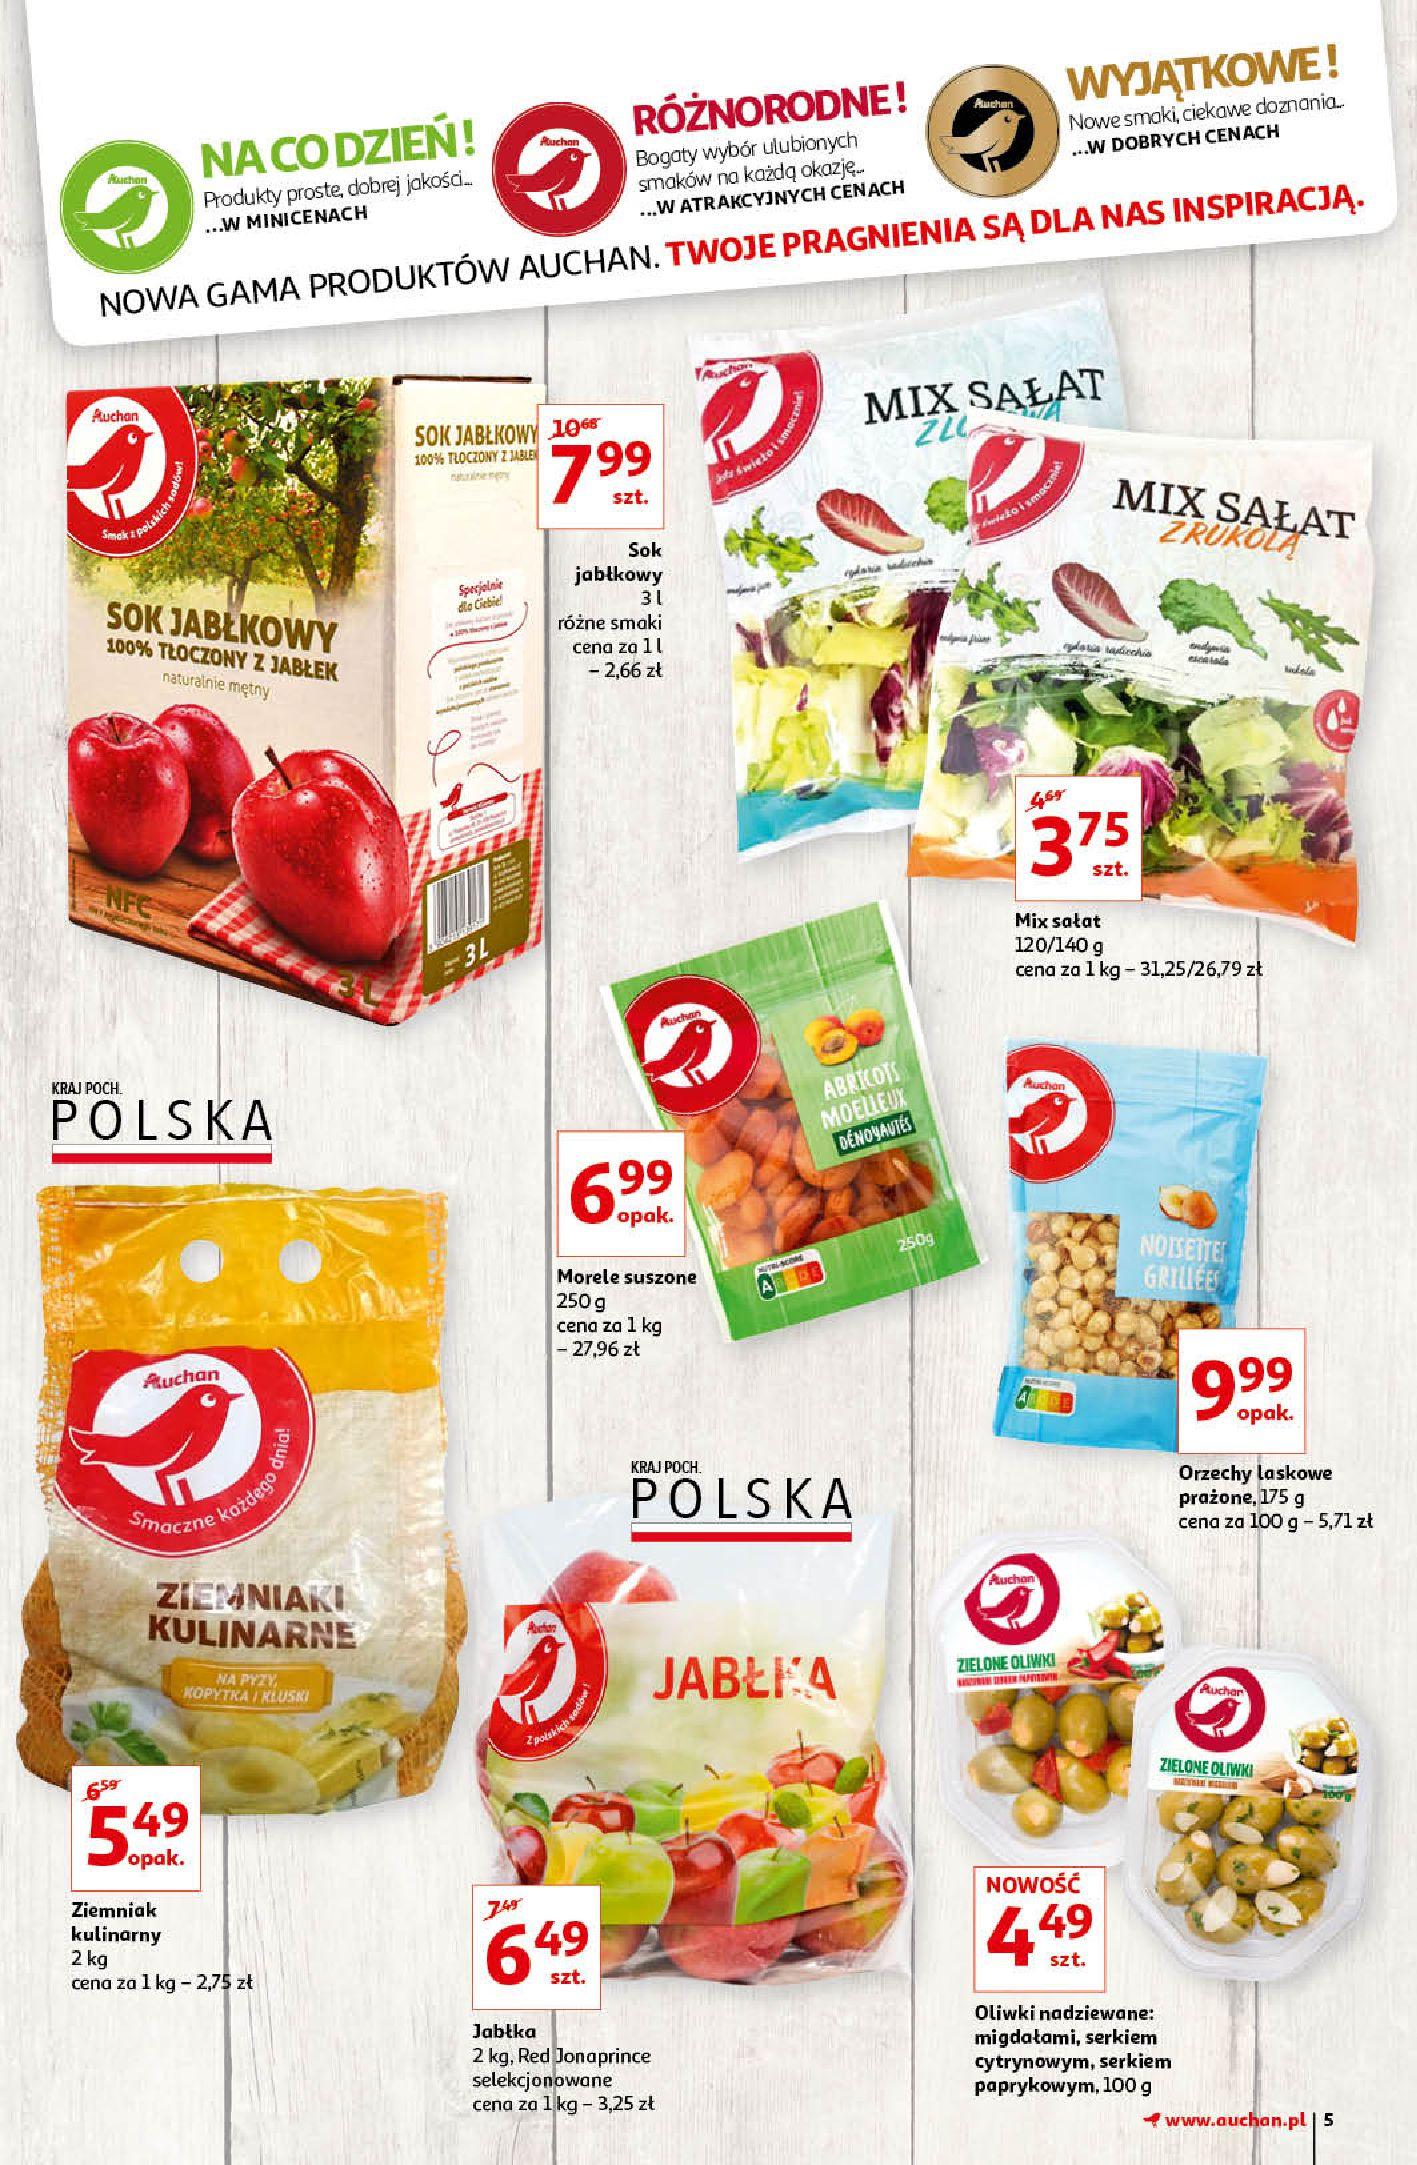 Gazetka Auchan - A love You Hipermarkety-12.02.2020-19.02.2020-page-5